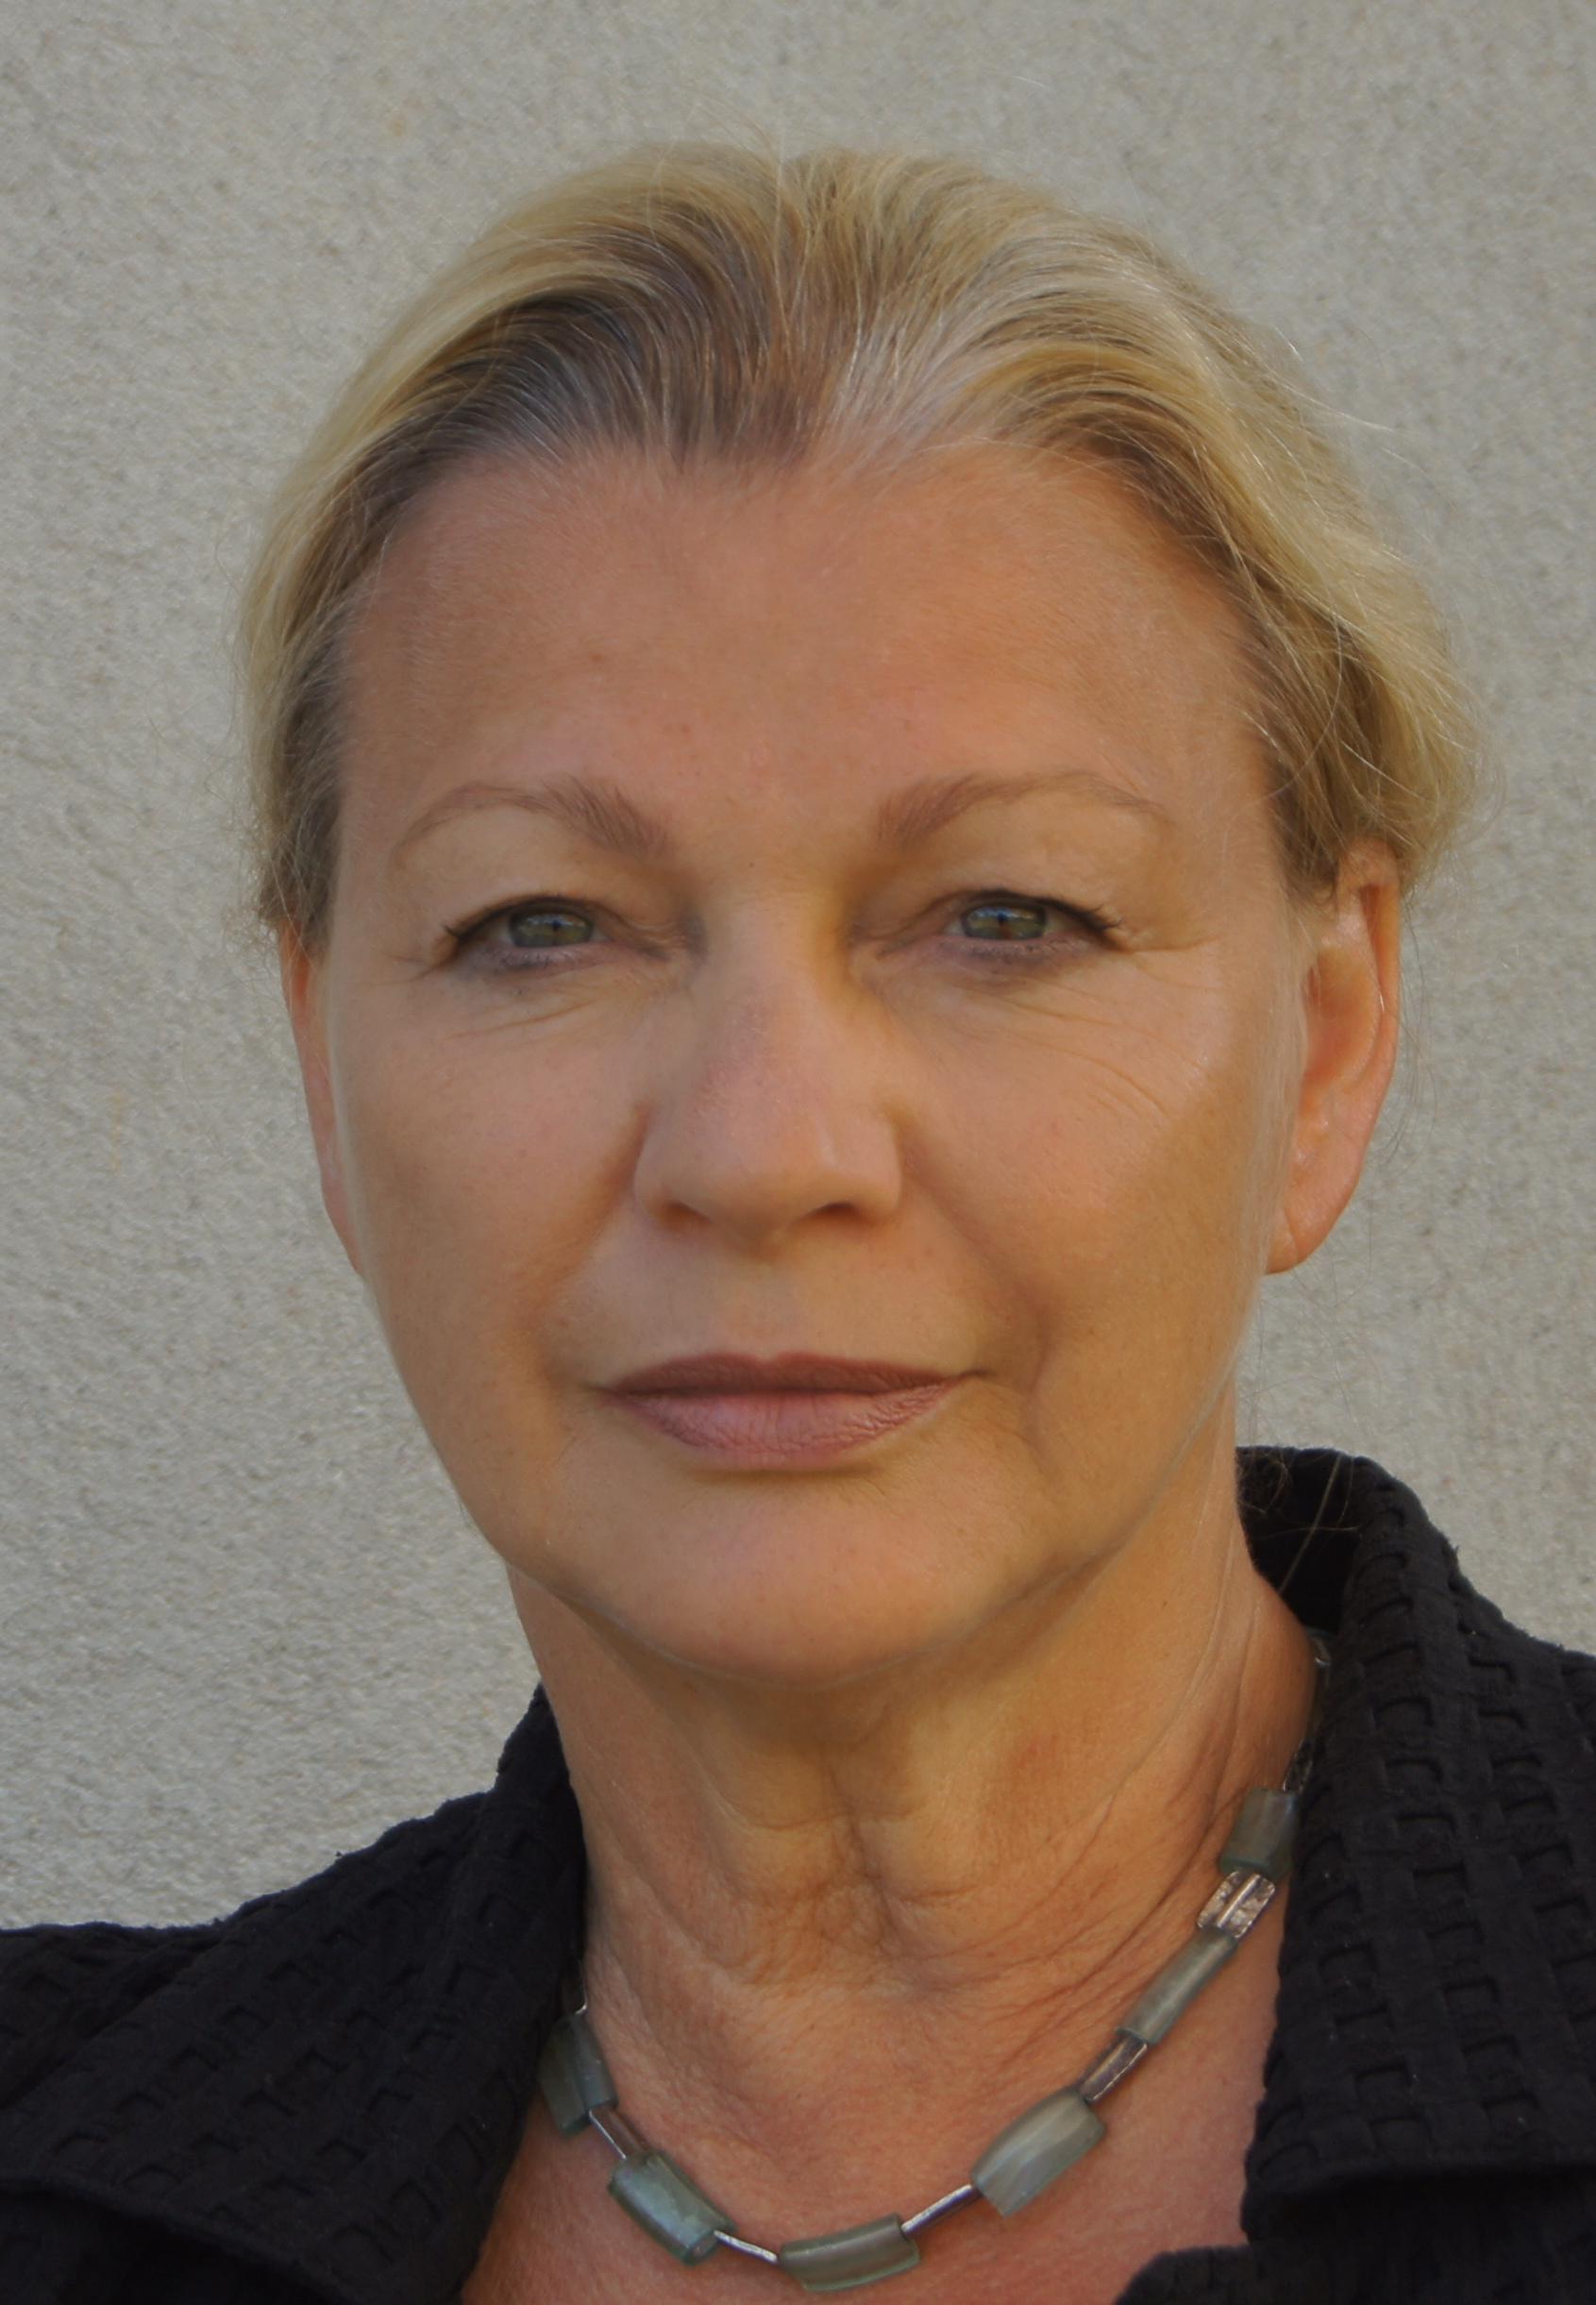 Marie-van-kempen.JPG